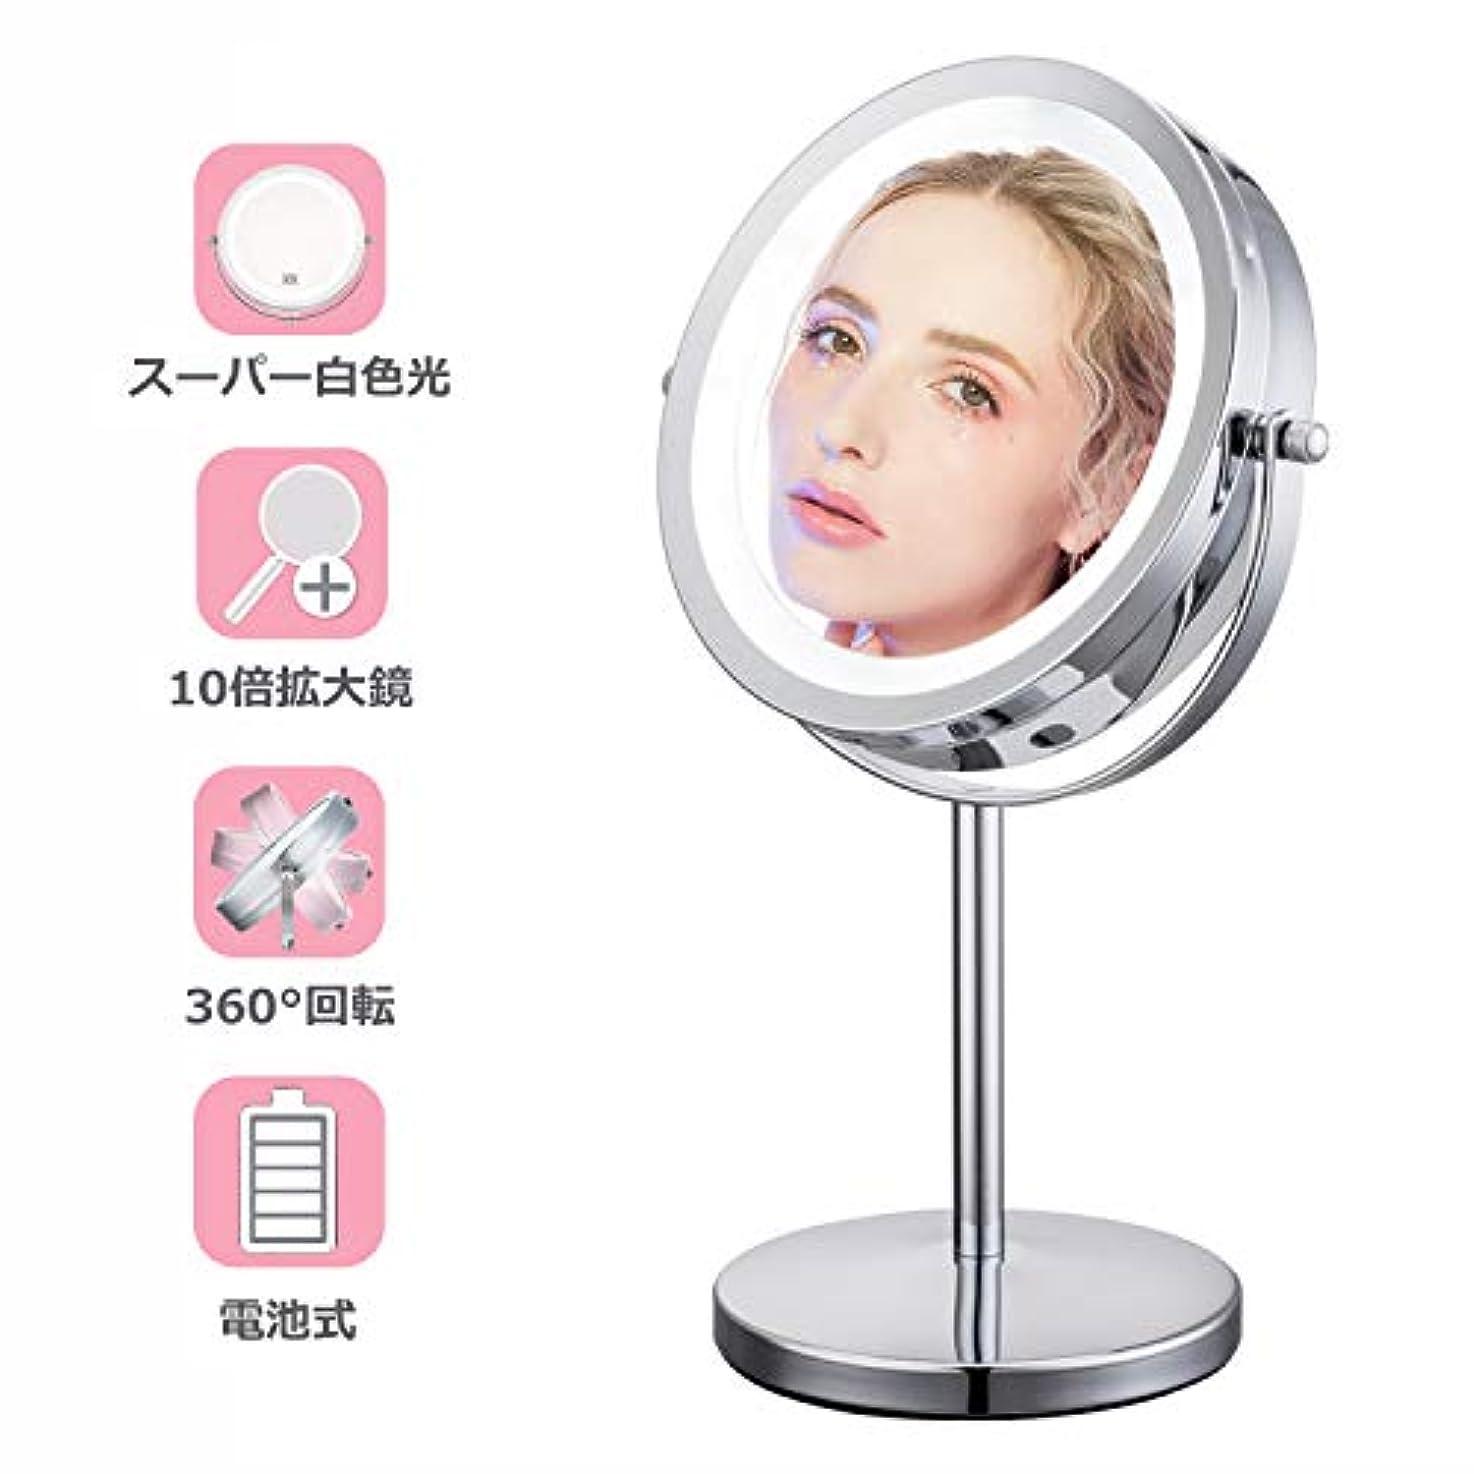 喪倫理的亡命10倍拡大鏡 LEDライト付き 真実の両面鏡 360度回転 卓上鏡 スタンドミラー メイク 化粧道具 【Jeking】